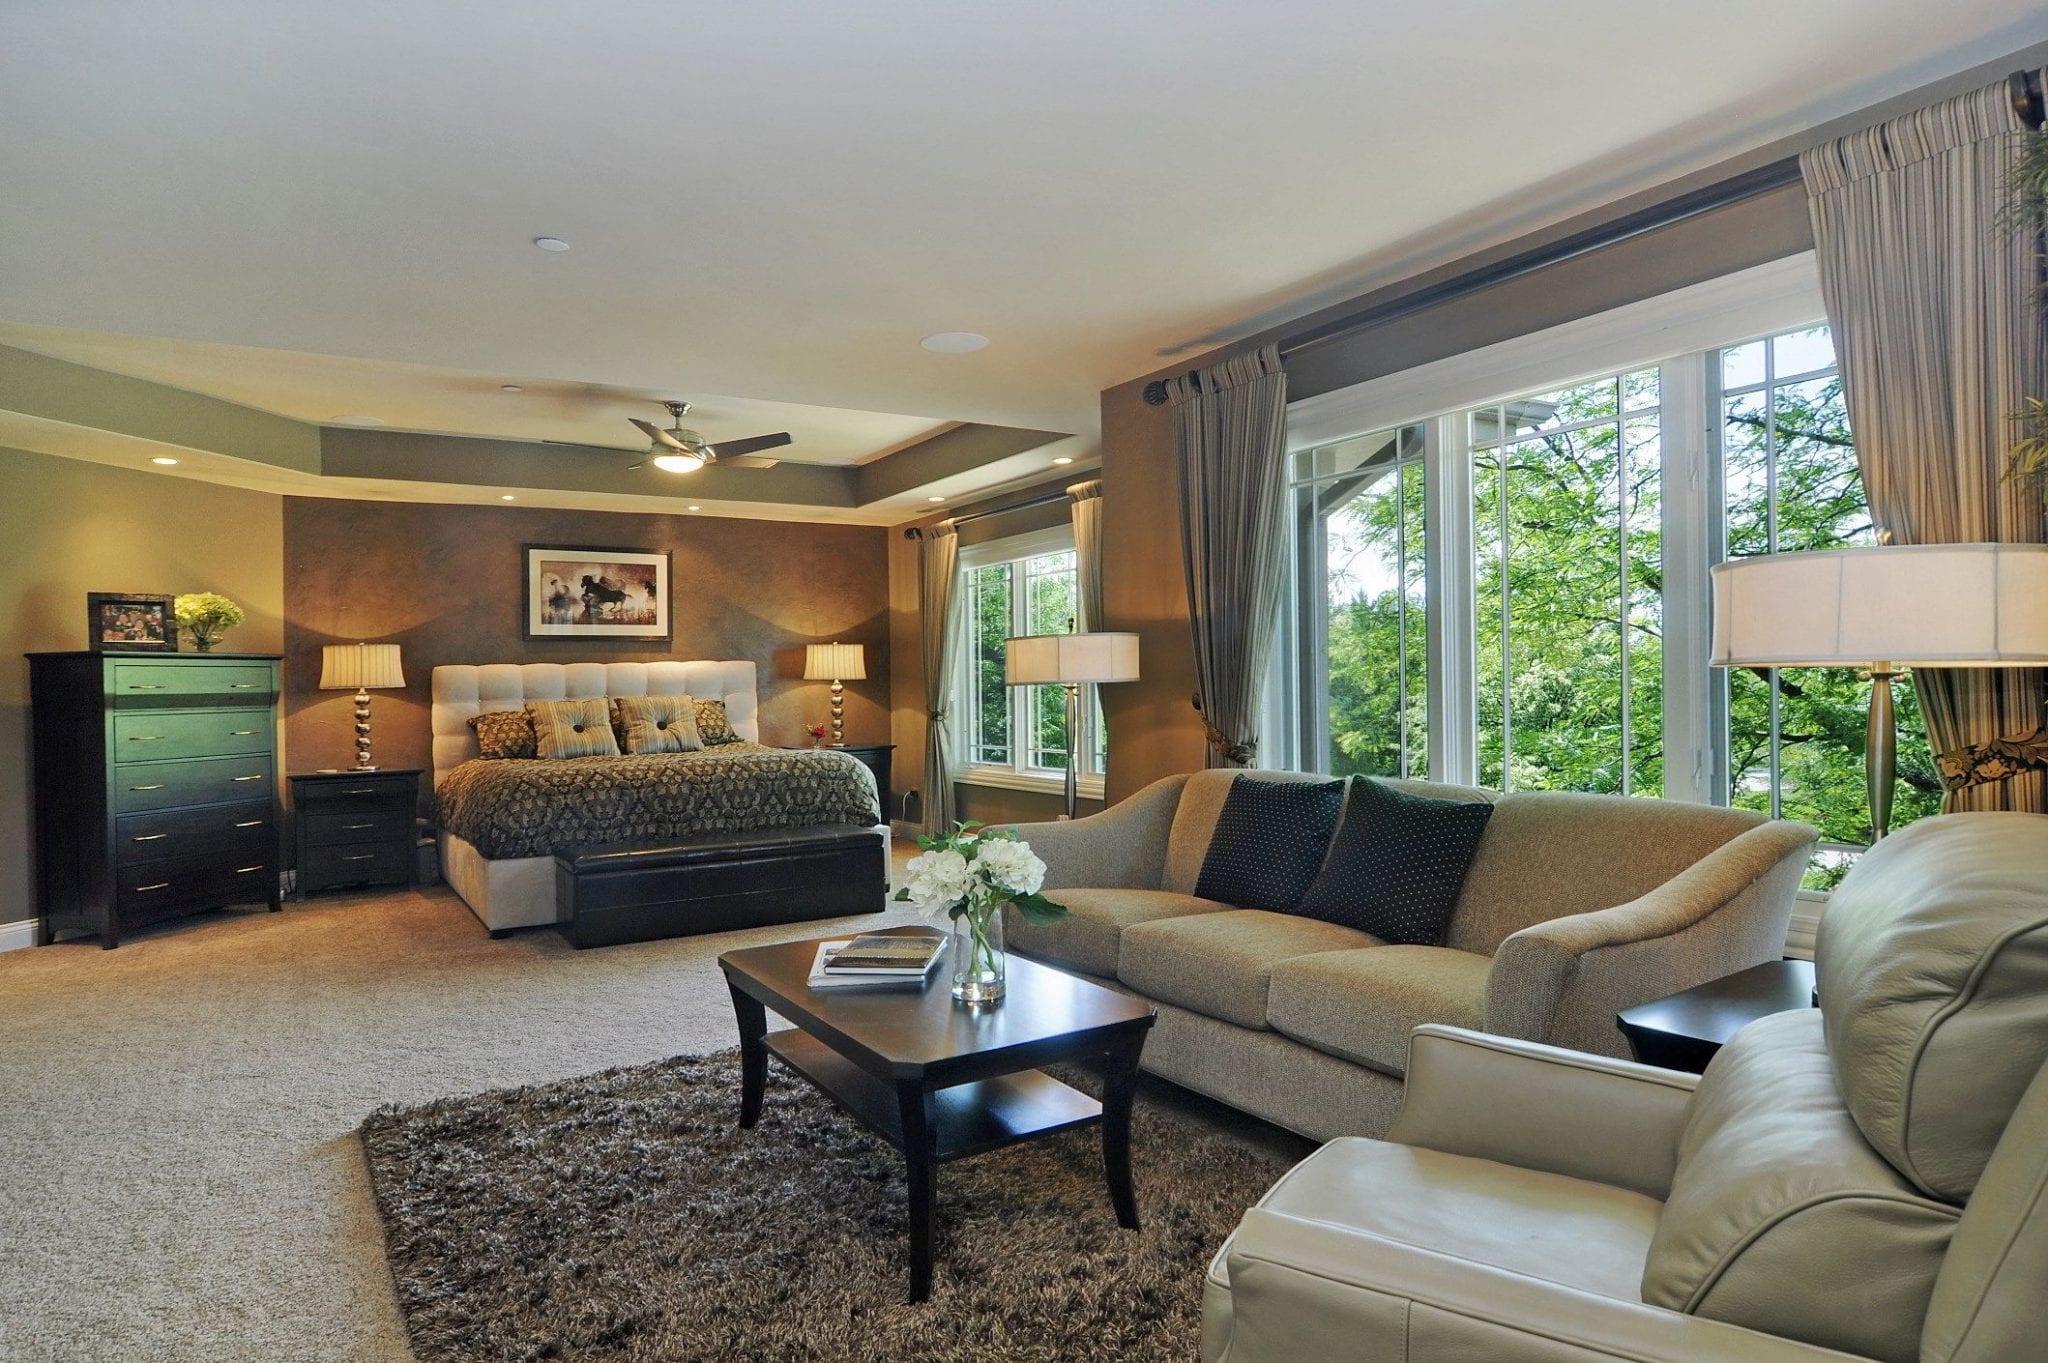 Long Grove Home Remodeling Master Bedroom Suite Design | Illinois Dennis Frankowski DF Design, Inc